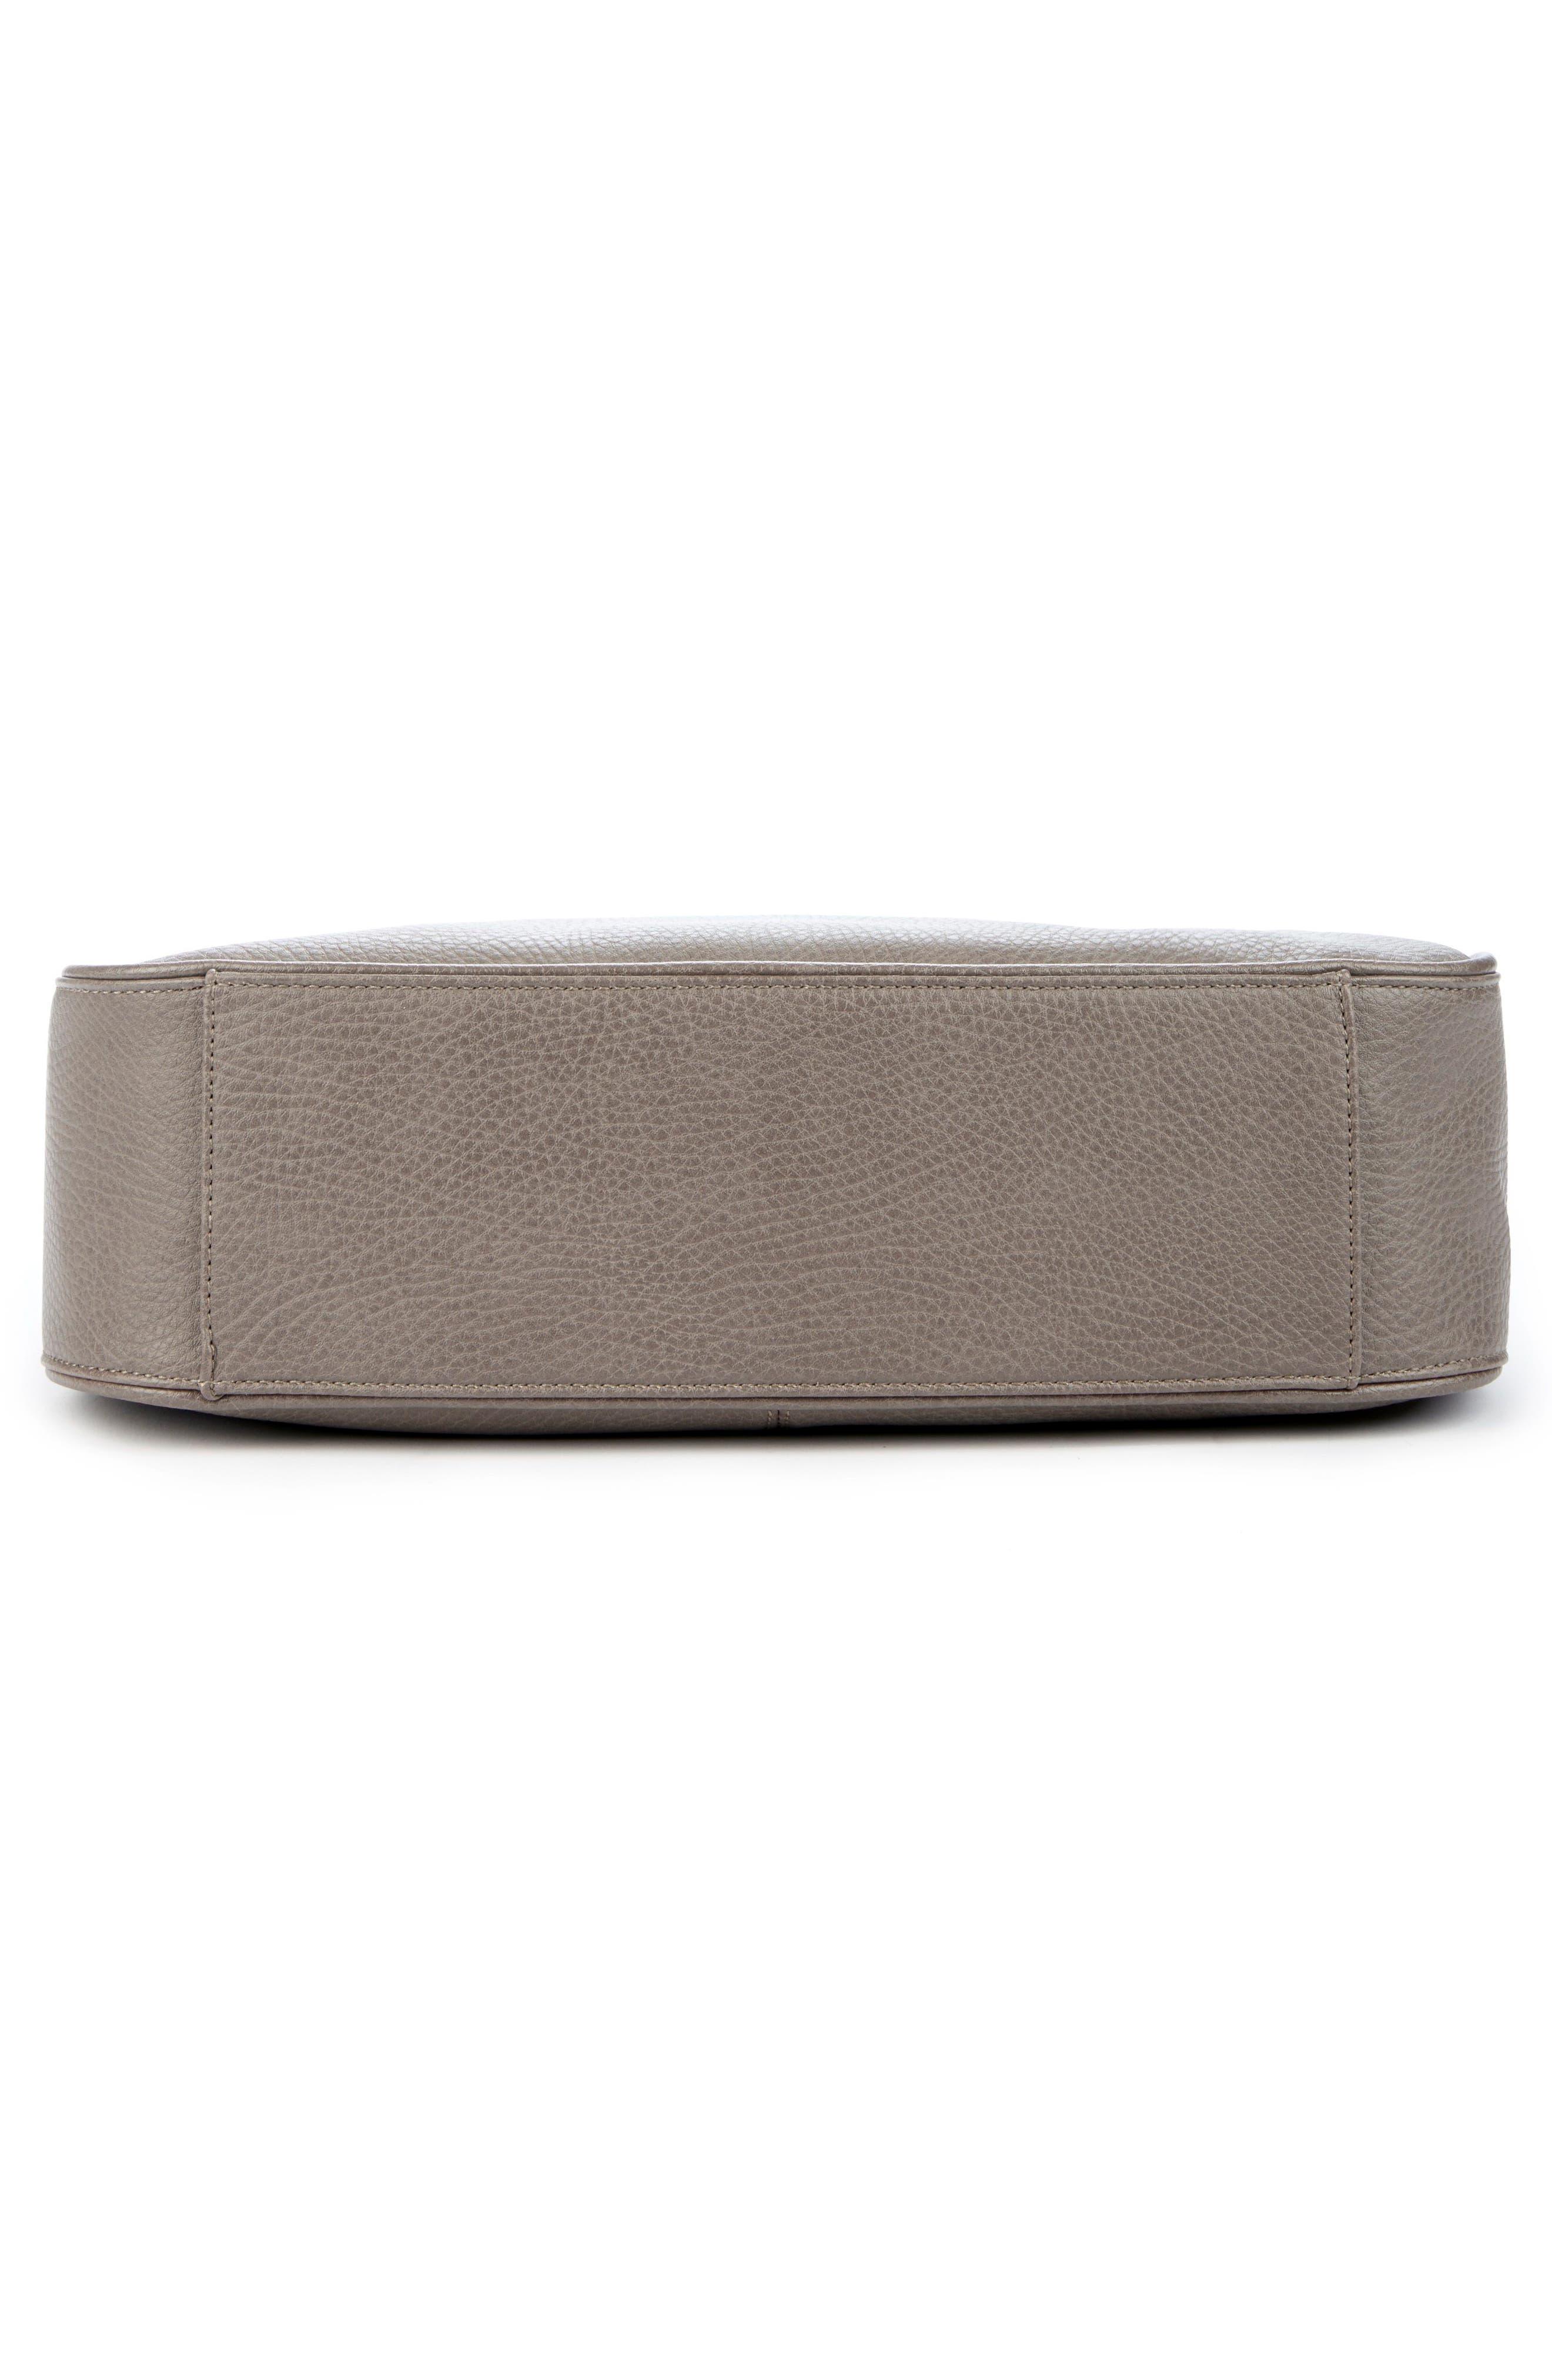 Sarafina Faux Leather Shoulder Bag,                             Alternate thumbnail 6, color,                             020